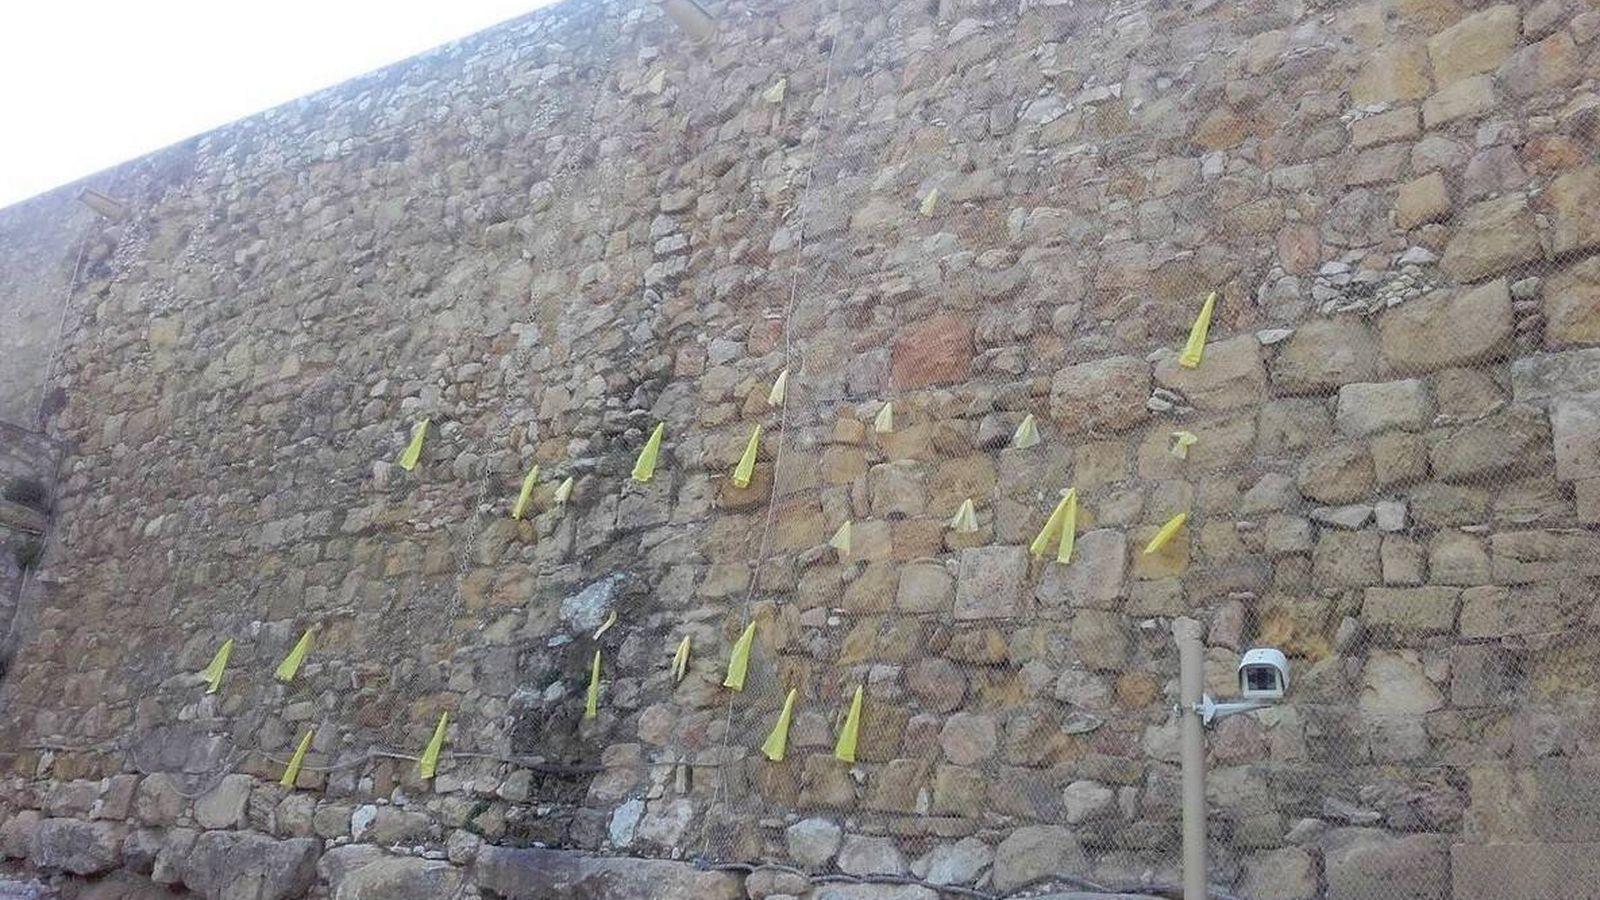 Foto: Lazos amarillos en la muralla romana de Tarragona. (Twitter: Jordi Cañas)